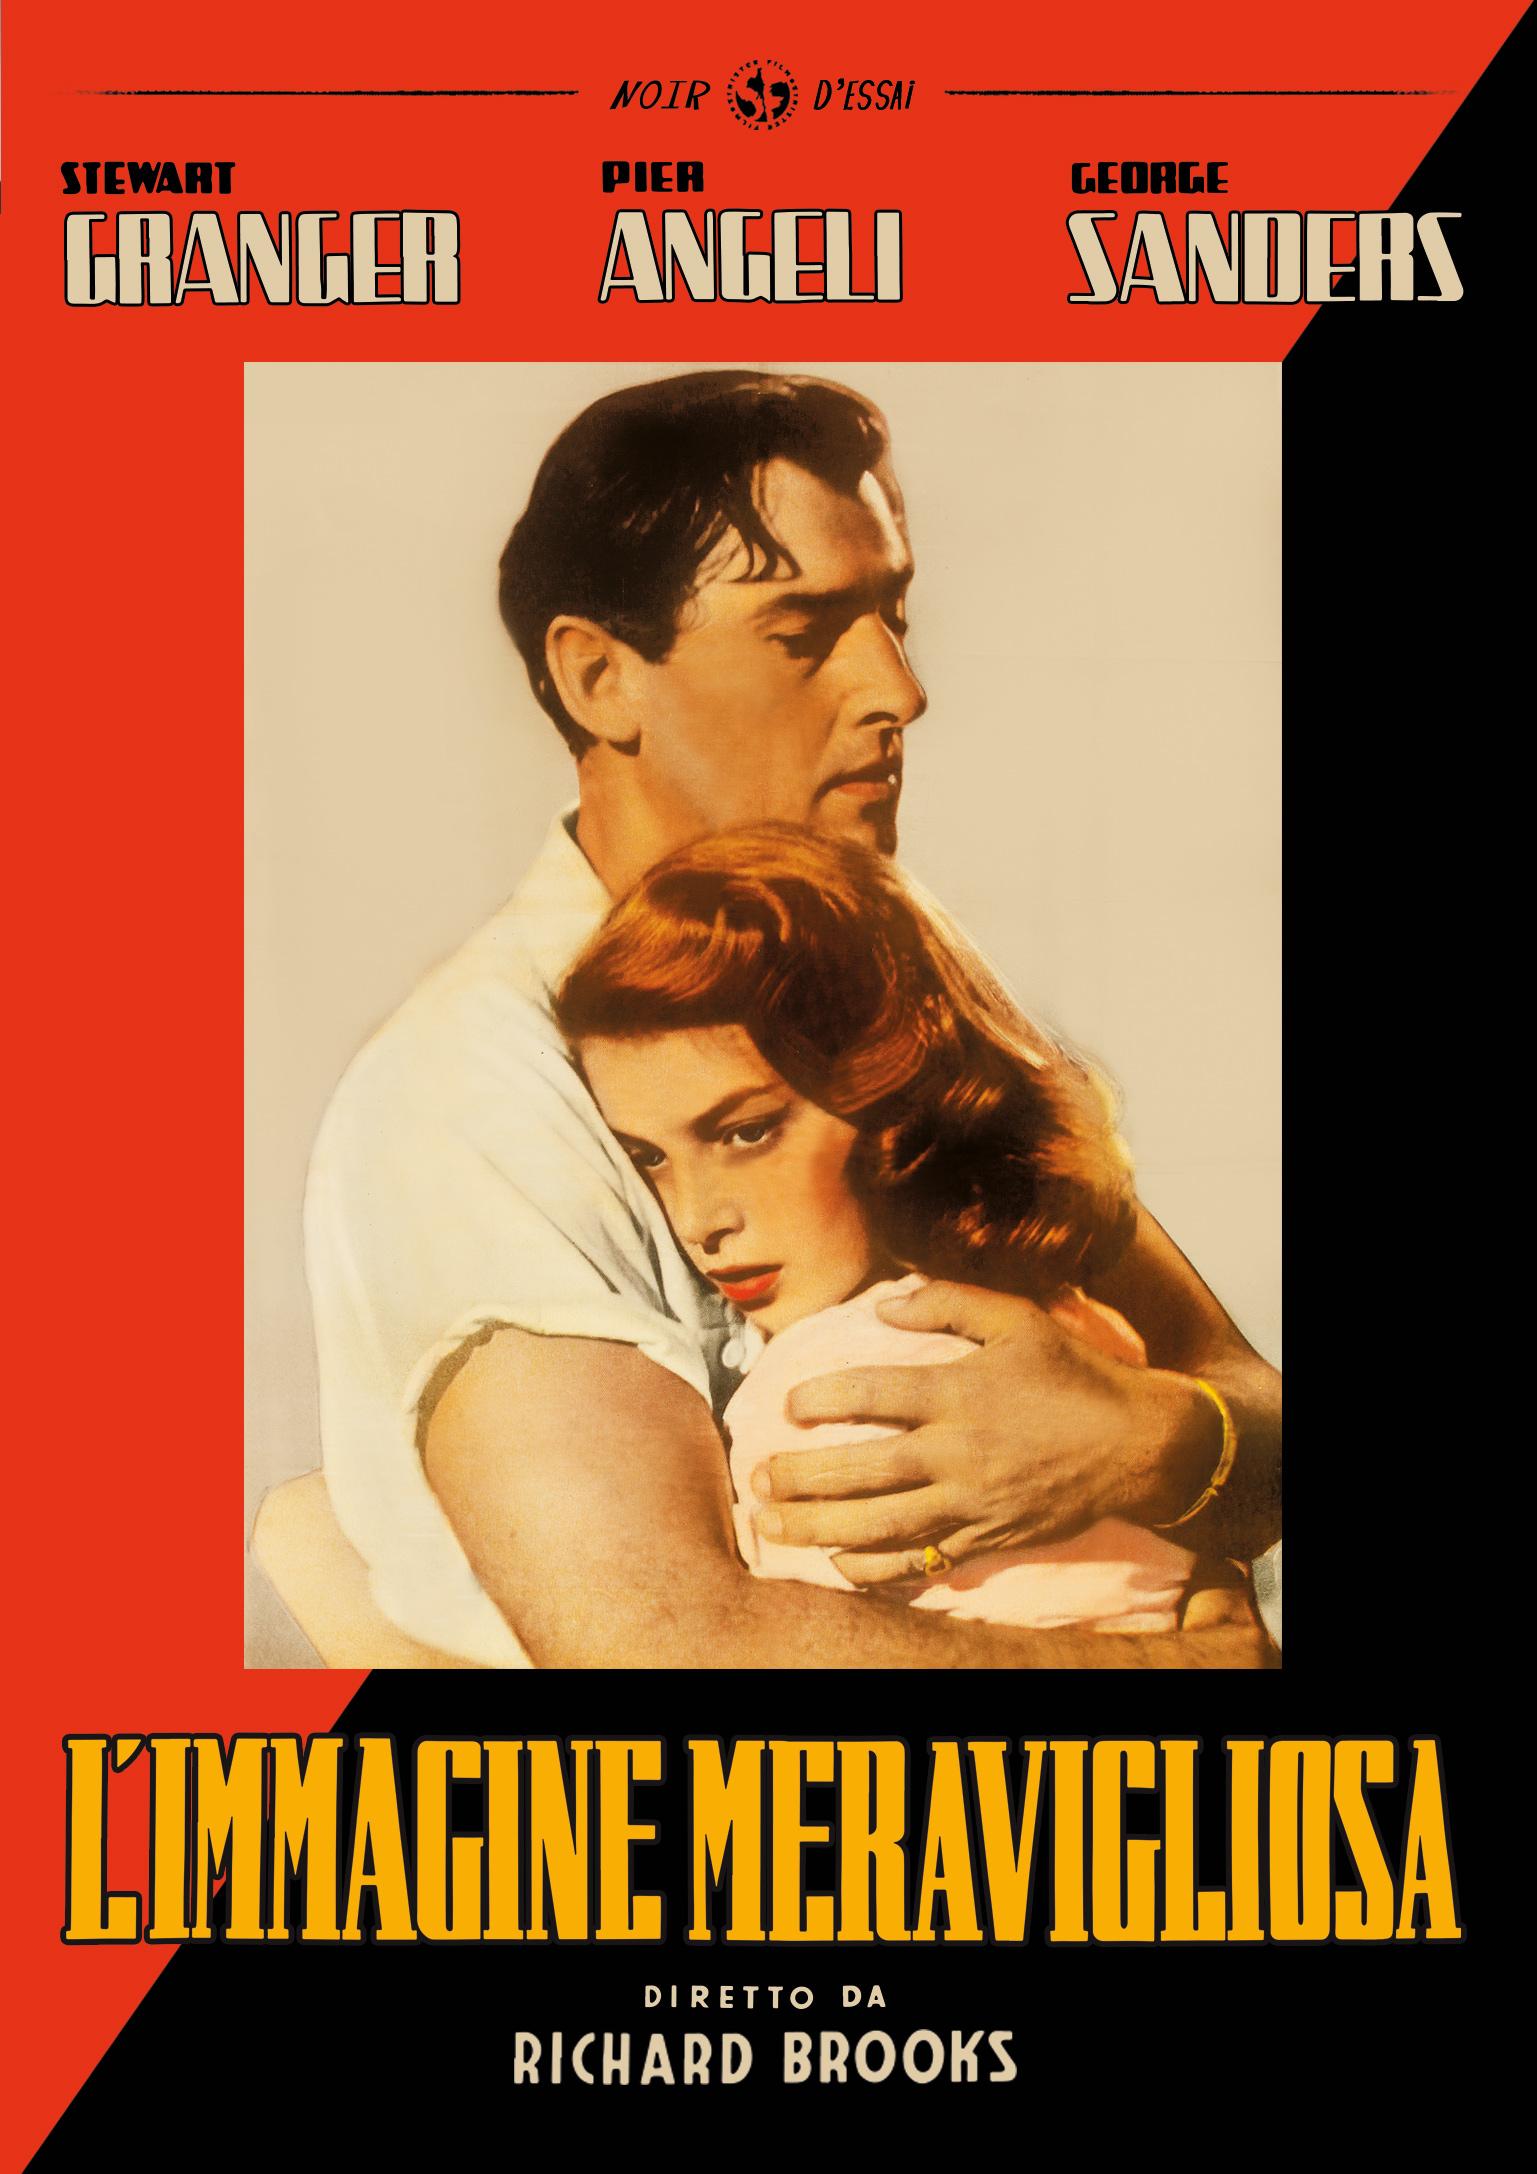 L'IMMAGINE MERAVIGLIOSA (DVD)